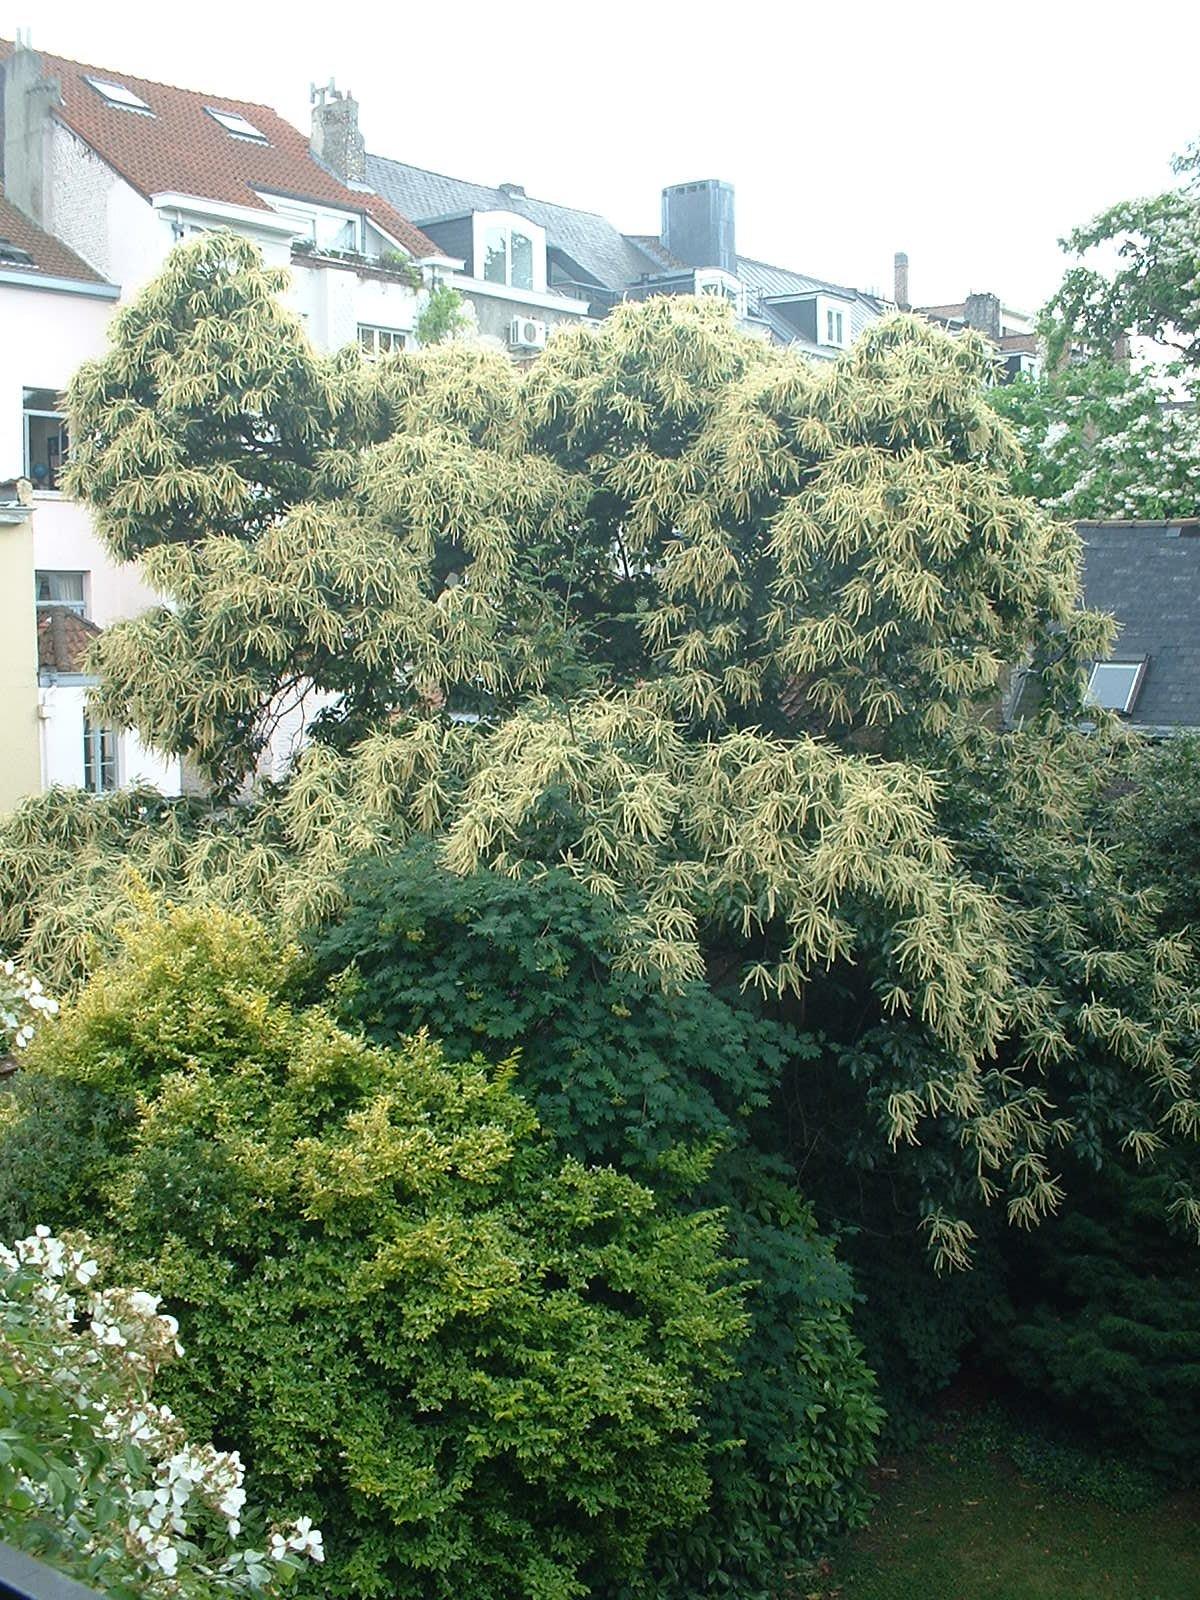 Tamme kastanje – Elsene, Livornostraat, 43 –  18 Juni 2003